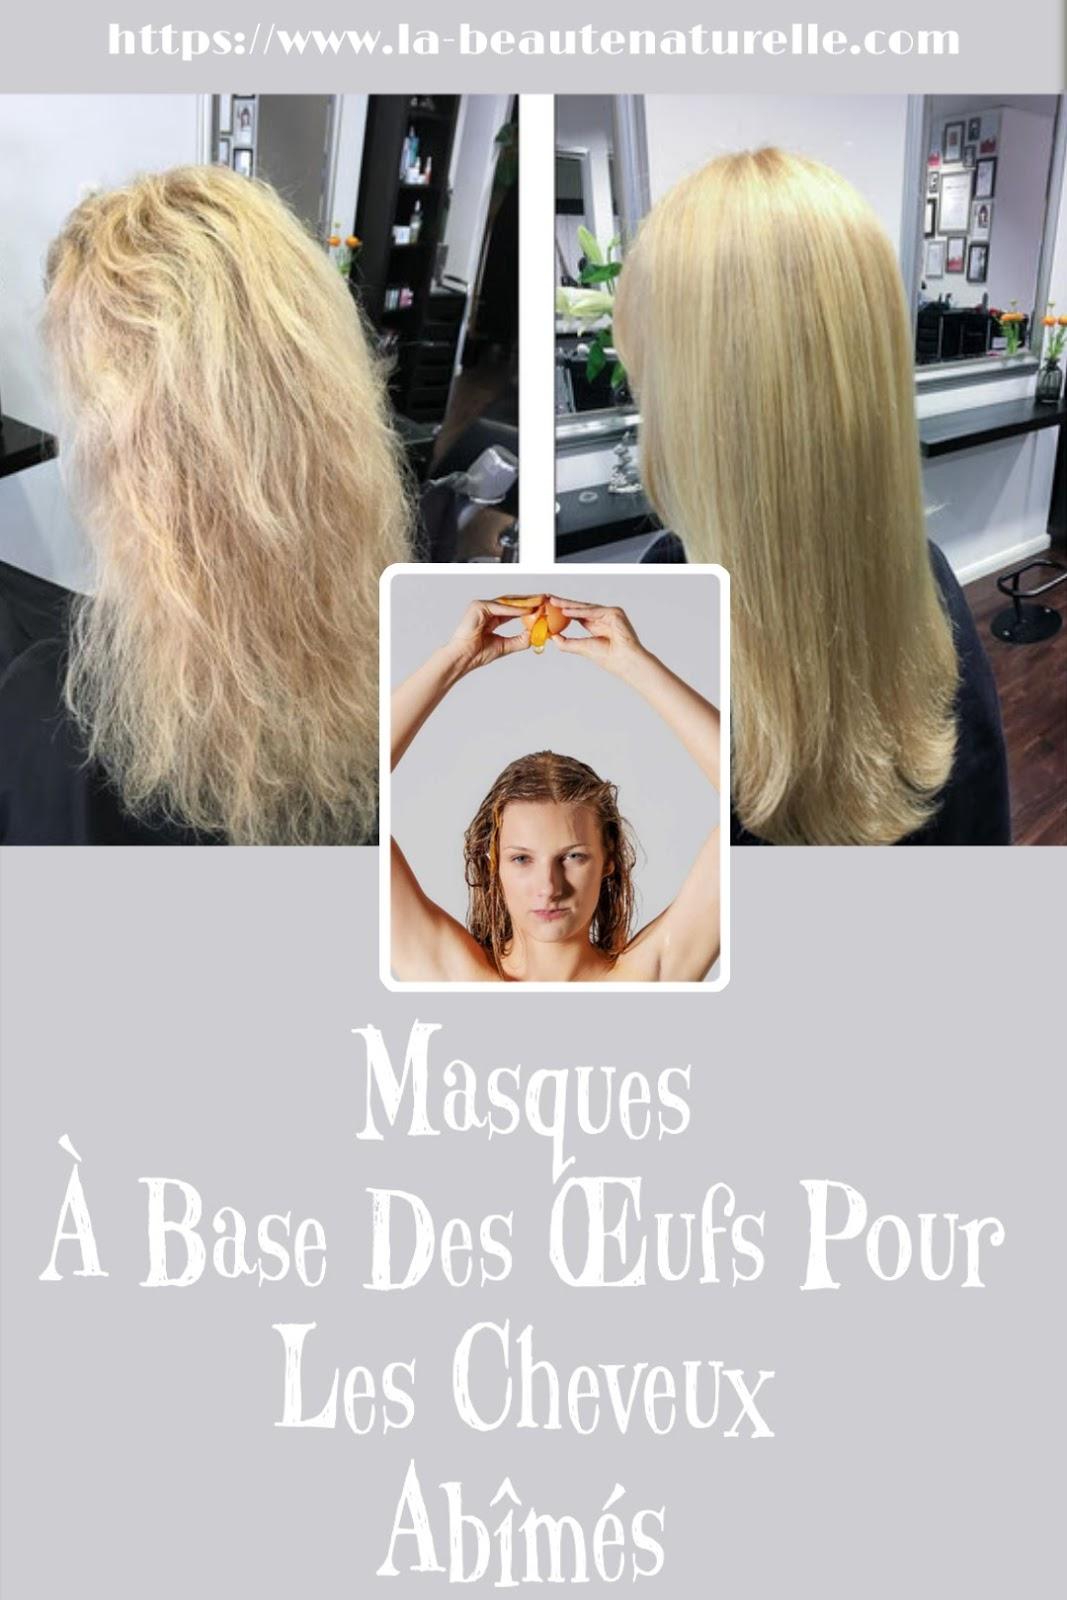 Masques À Base Des Œufs Pour Les Cheveux Abîmés